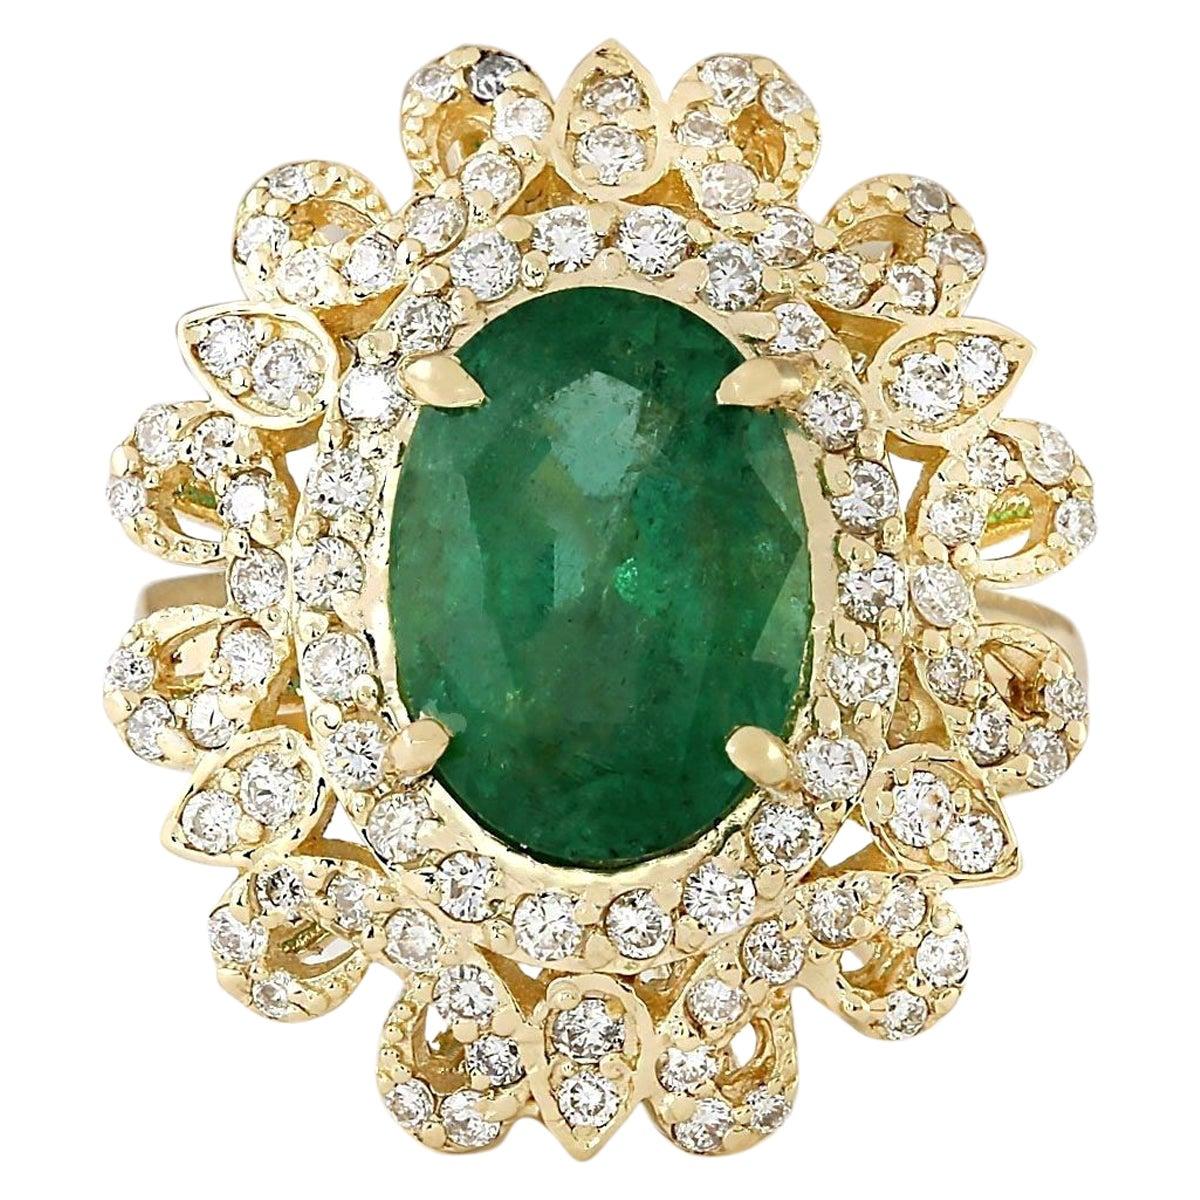 5.16 Carat Natural Emerald 18 Karat Yellow Gold Diamond Ring